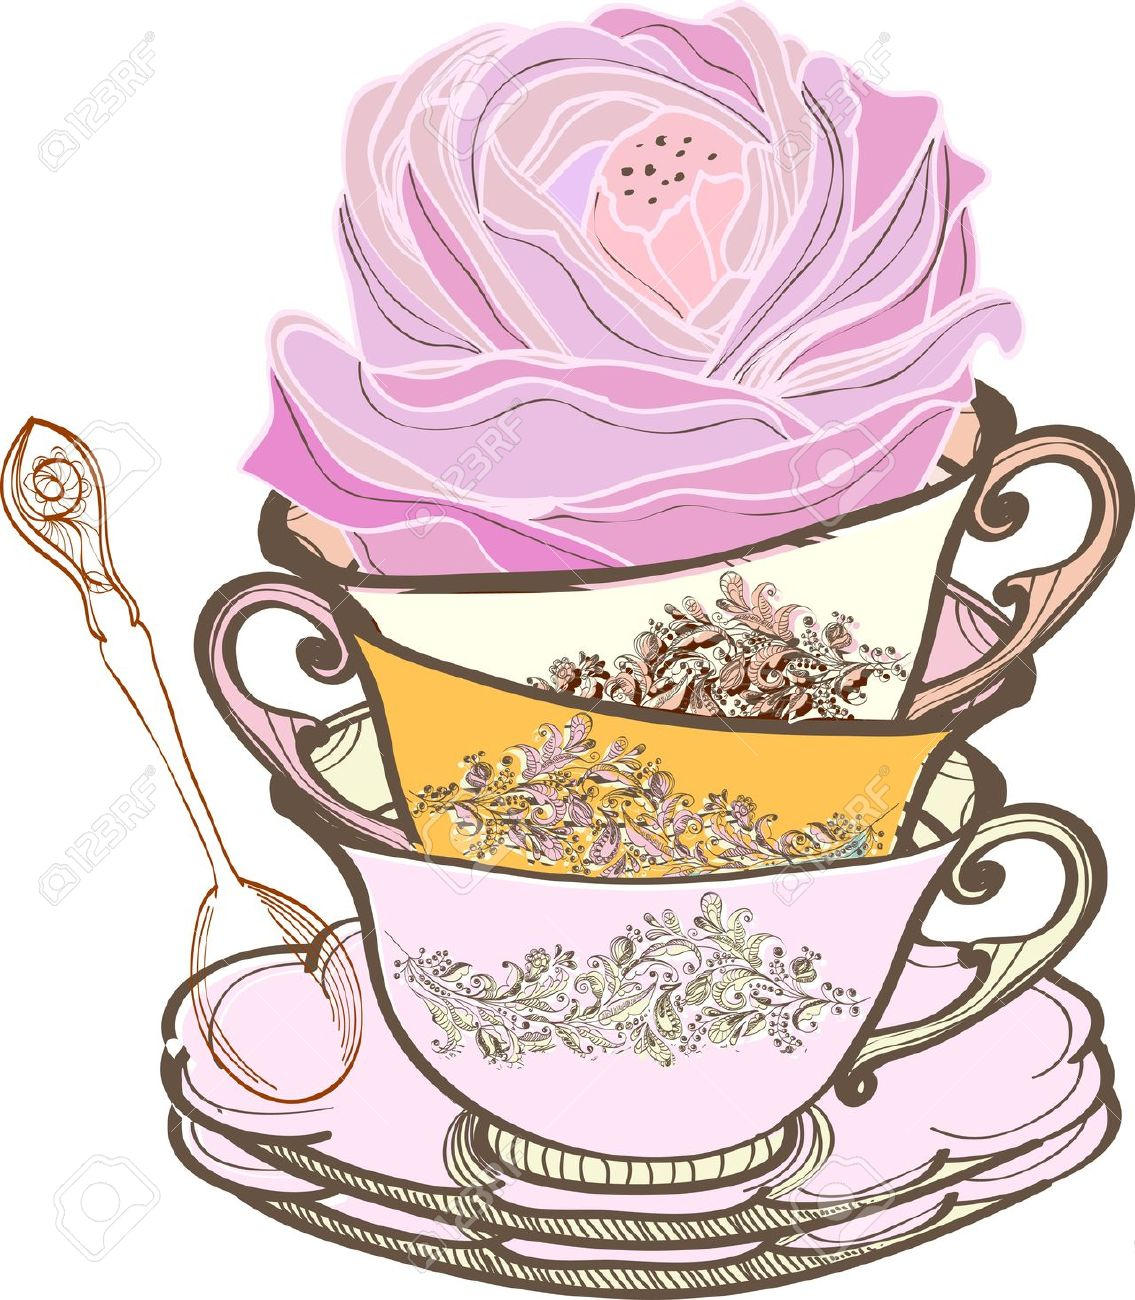 images clip art. Cup clipart tea party